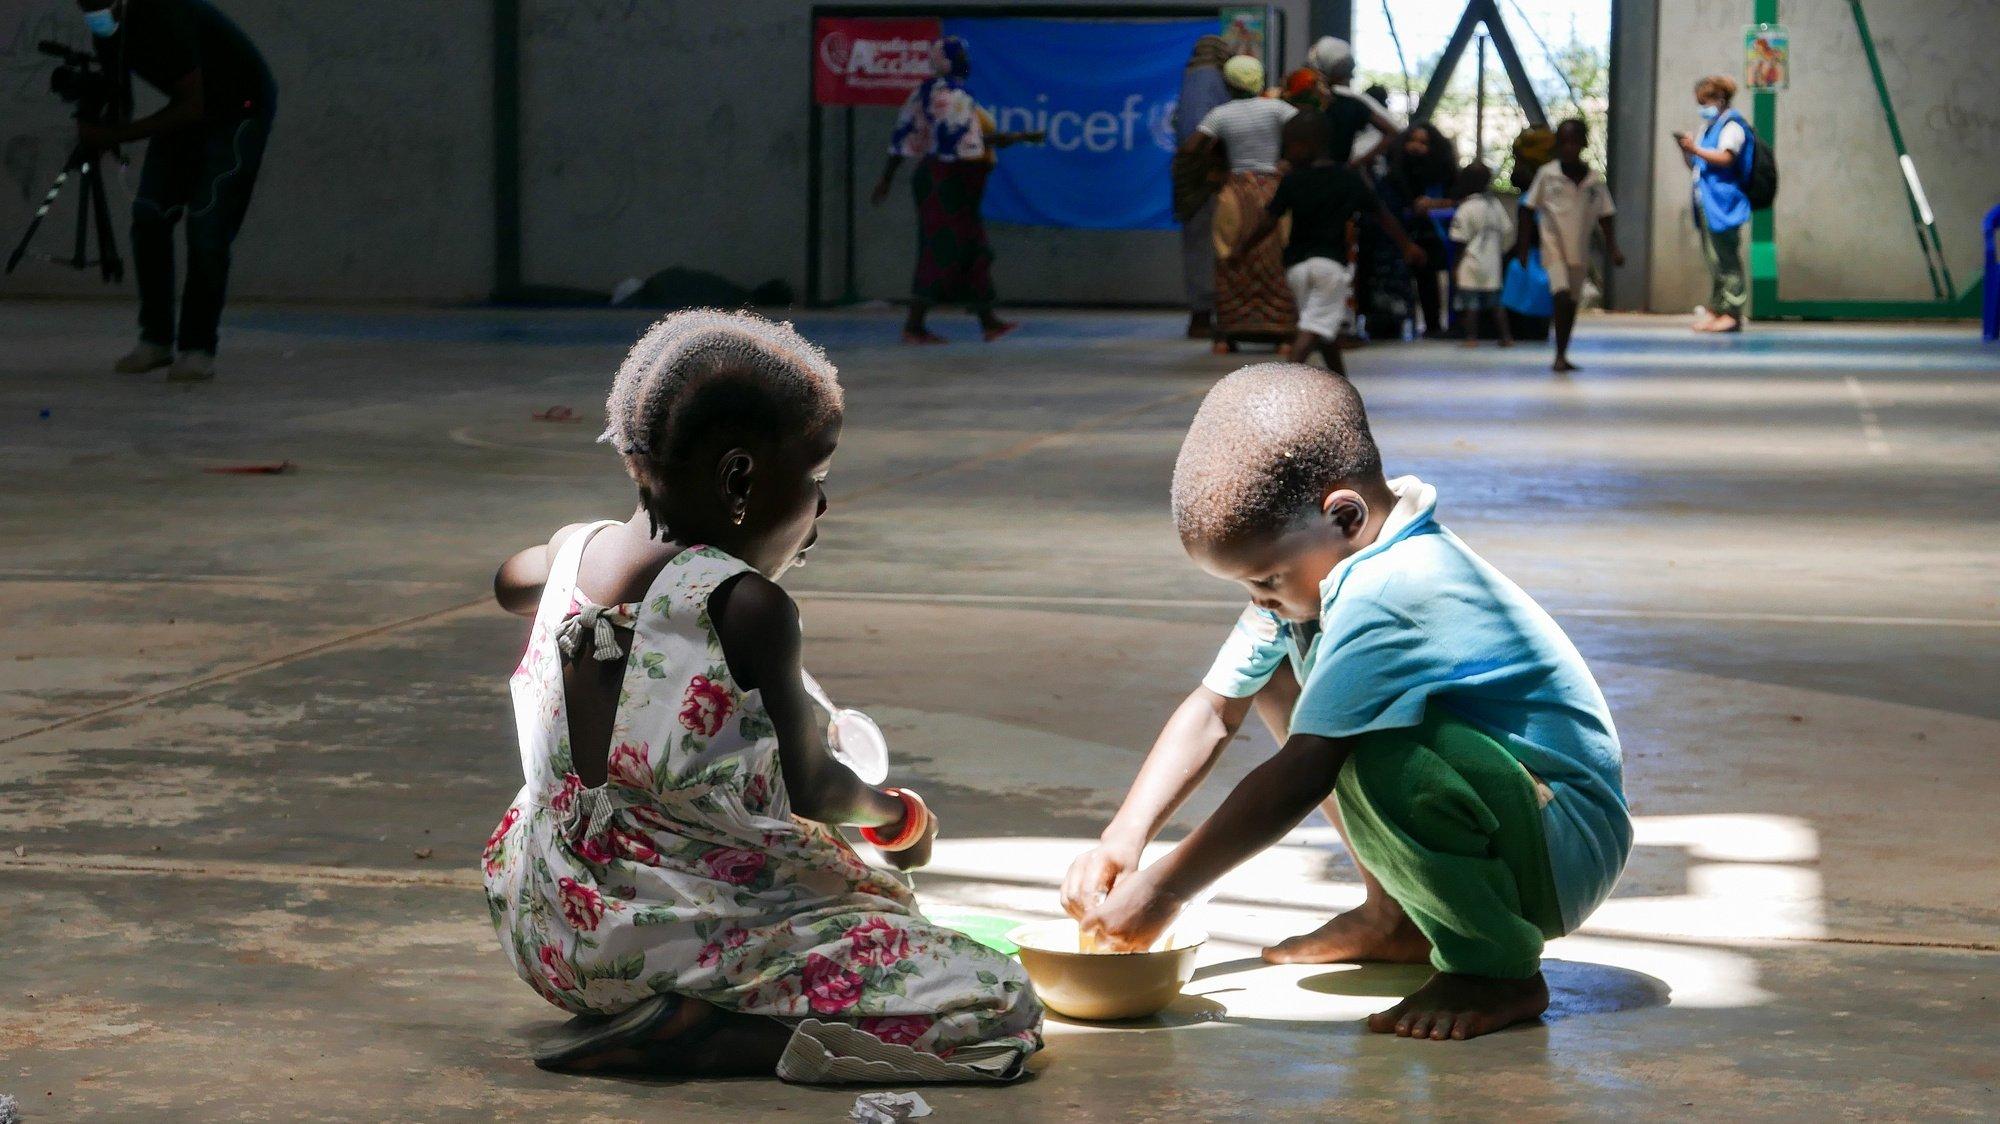 Duas crianças no pavilhão desportivo, no bairro Expansão, em Pemba, alimentam-se com refeições confecionadas por um grupo de mulheres de Pemba, que decidiu fazer hoje para os deslocados do ataque a Palma, em vez de descansar no feriado do Dia da Mulher Moçambicana, Cabo Delgado, Moçambique, 07 de abril de 2021. Os ataques são só uma ponta do problema que se estende desde as zonas de conflito até Pemba e outras cidades, seguras, mas agora sobrelotadas com a vaga de 700.000 deslocados em três anos e meio de conflito. (ACOMPANHA TEXTO). LUÍS MIGUEL FONSECA/LUSA